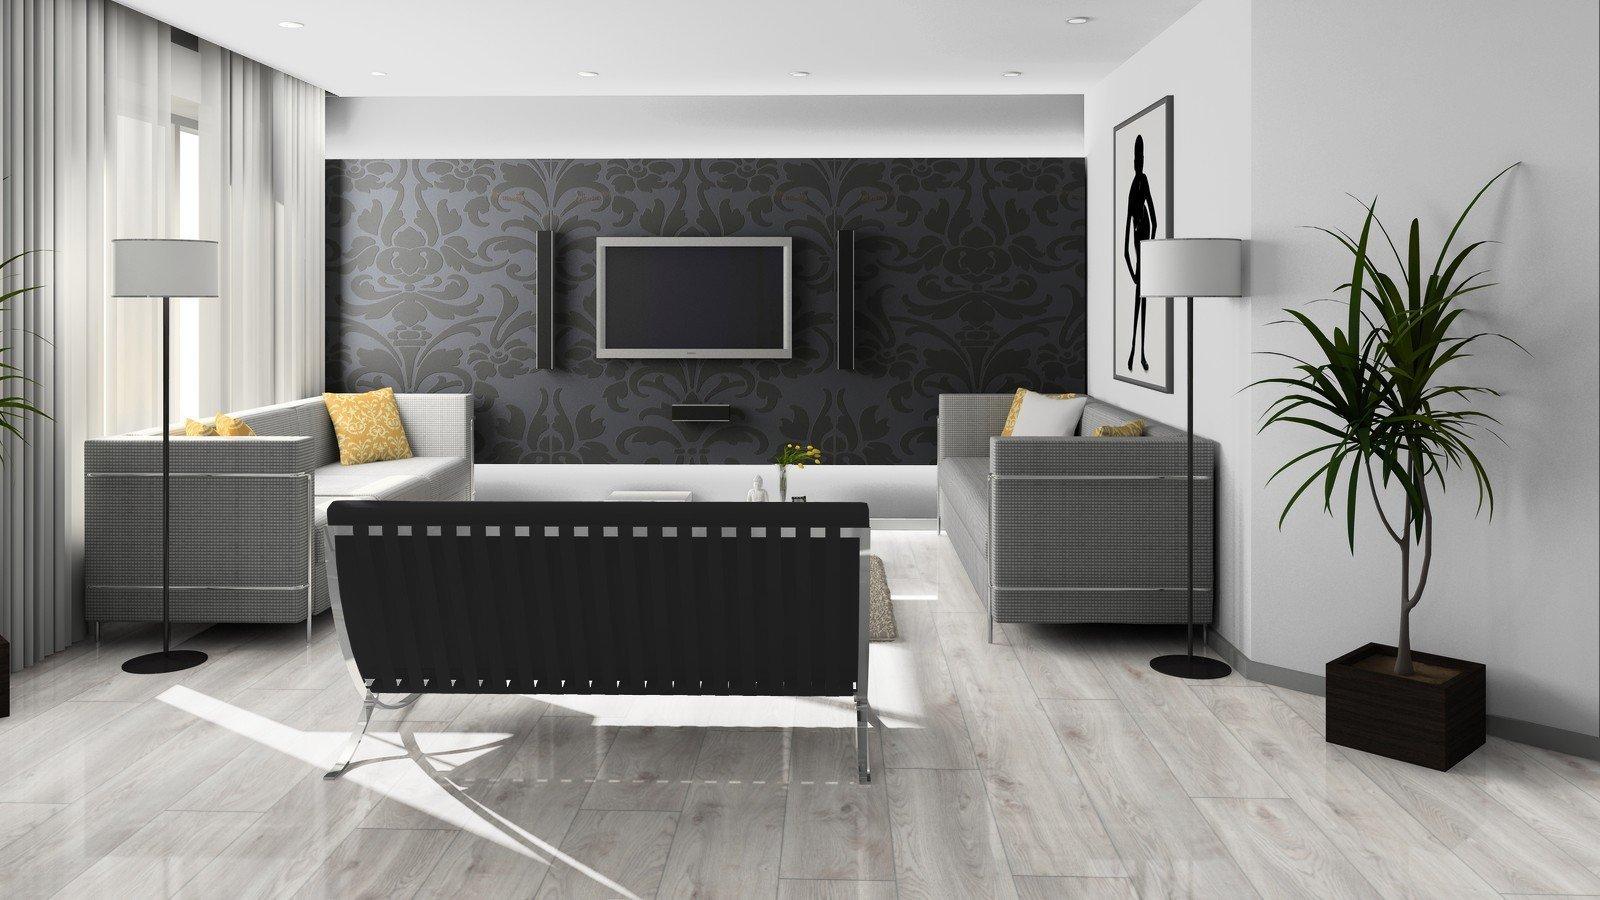 Modernes Wohnzimmer Schwarz Wei Laminat